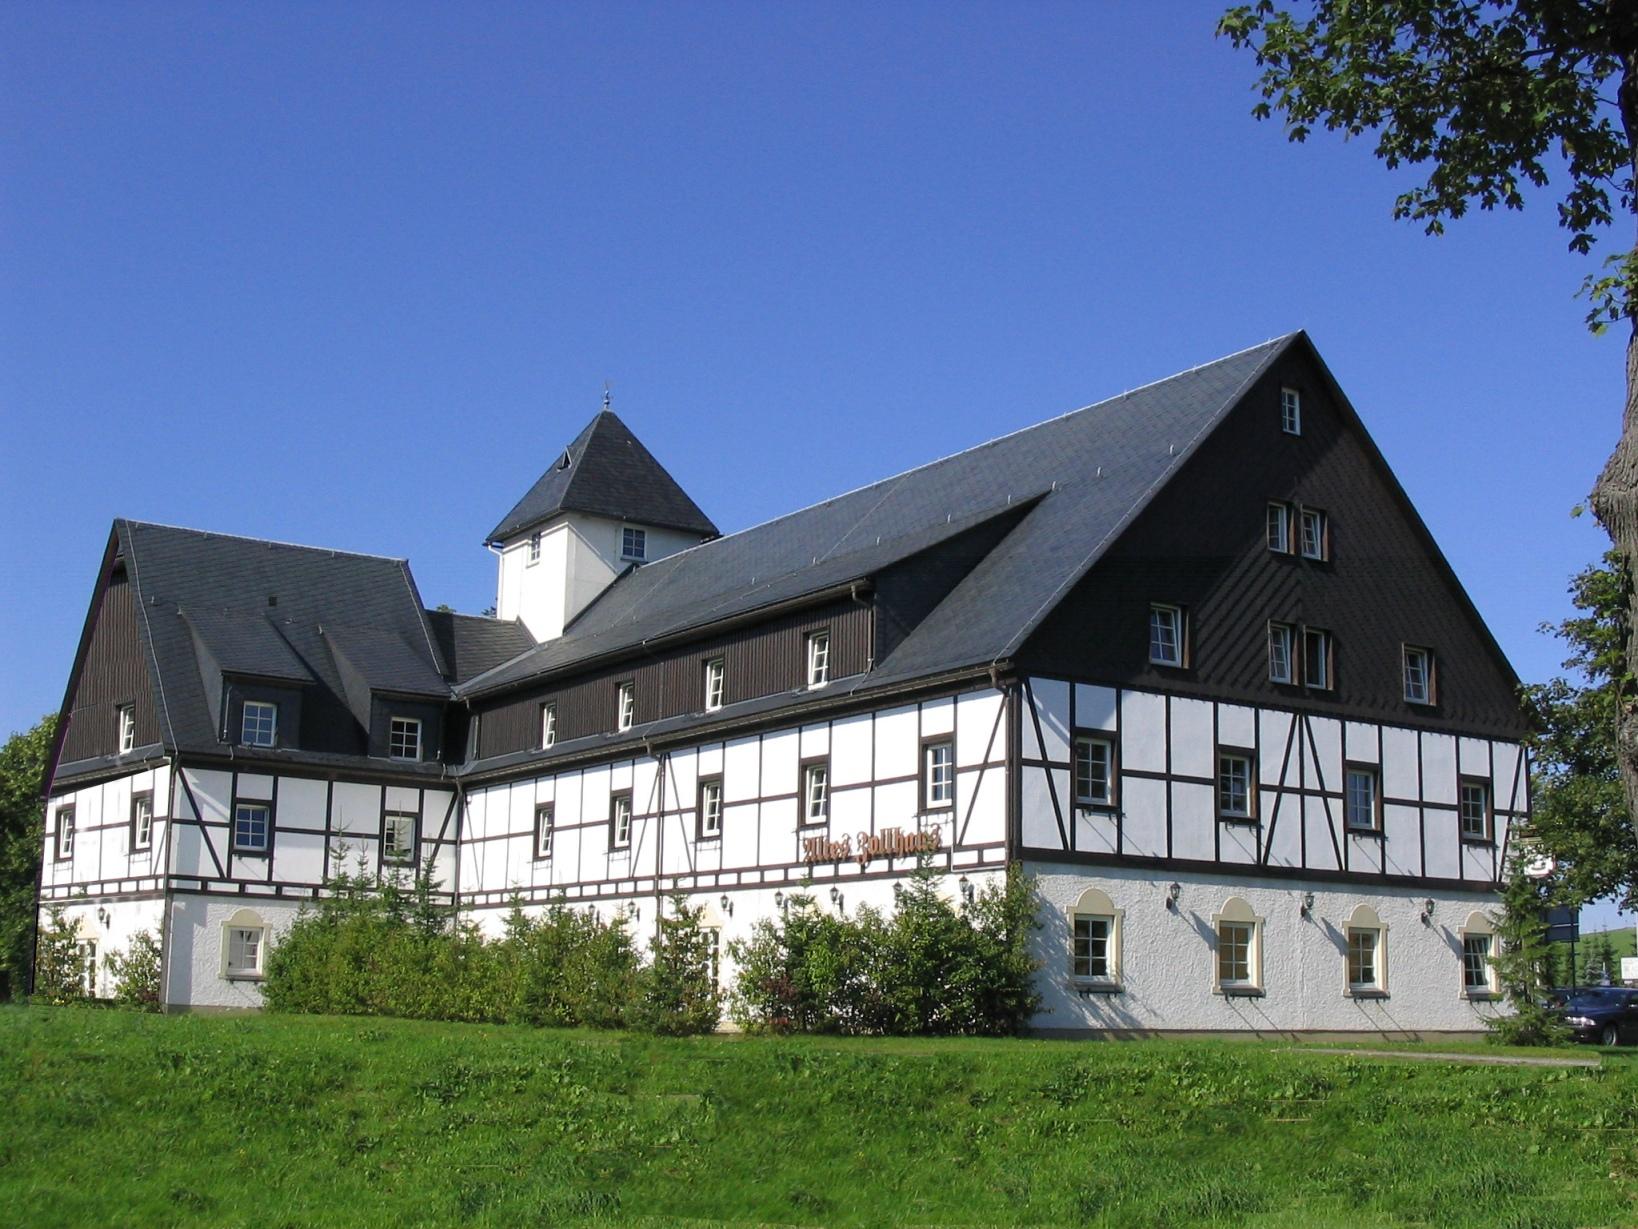 landhotel-ates-zollhaus-im-erzgebirge